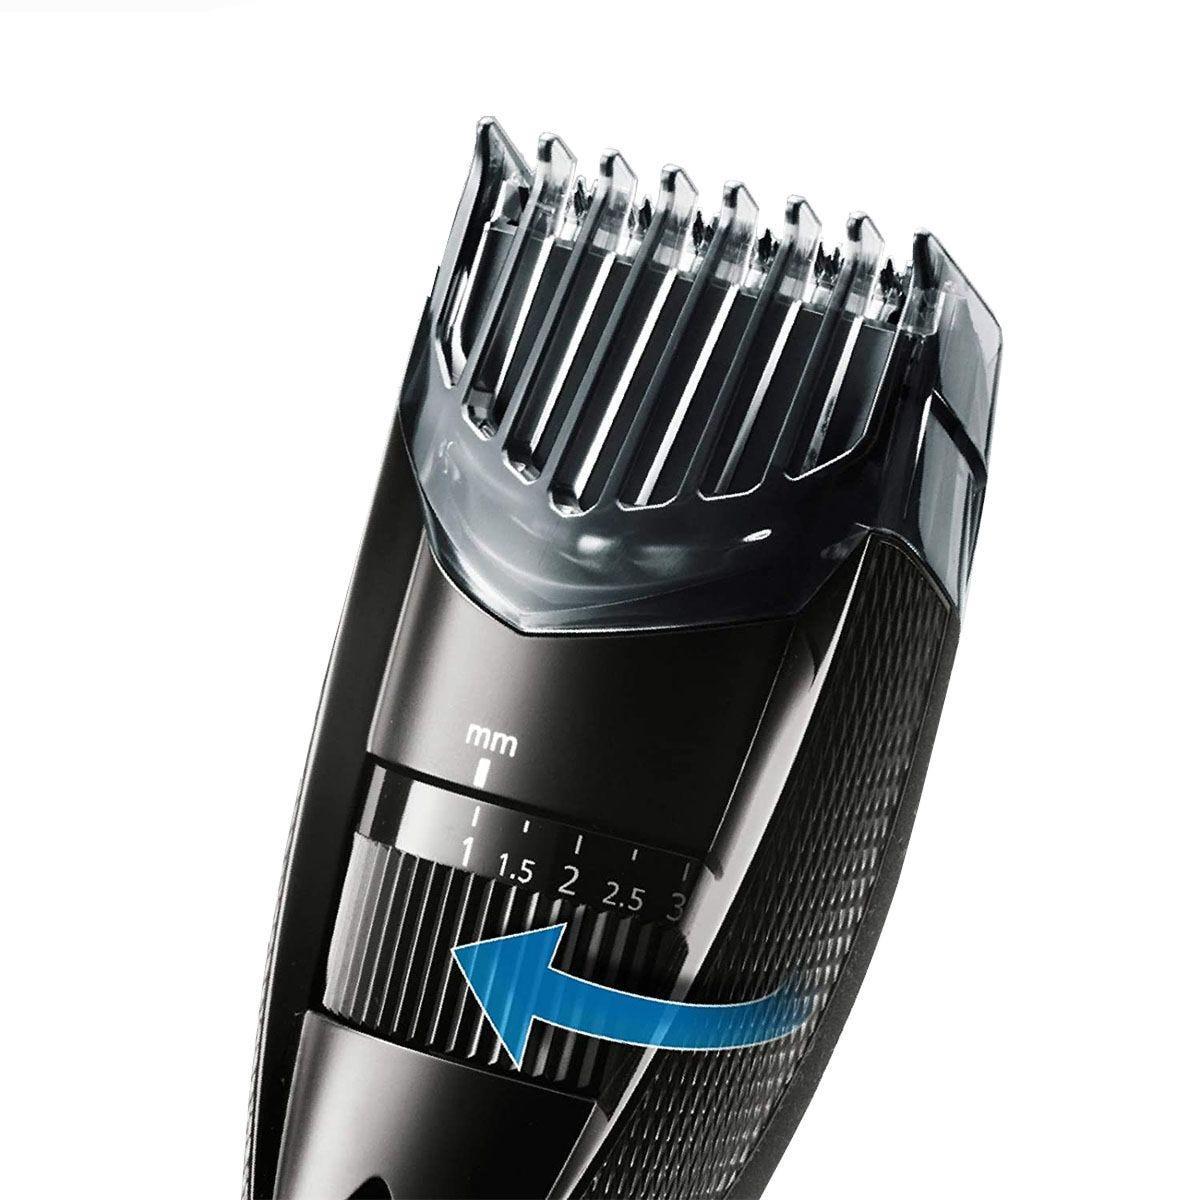 Panasonic ER-GB37-K511 Beard Trimmer - Black